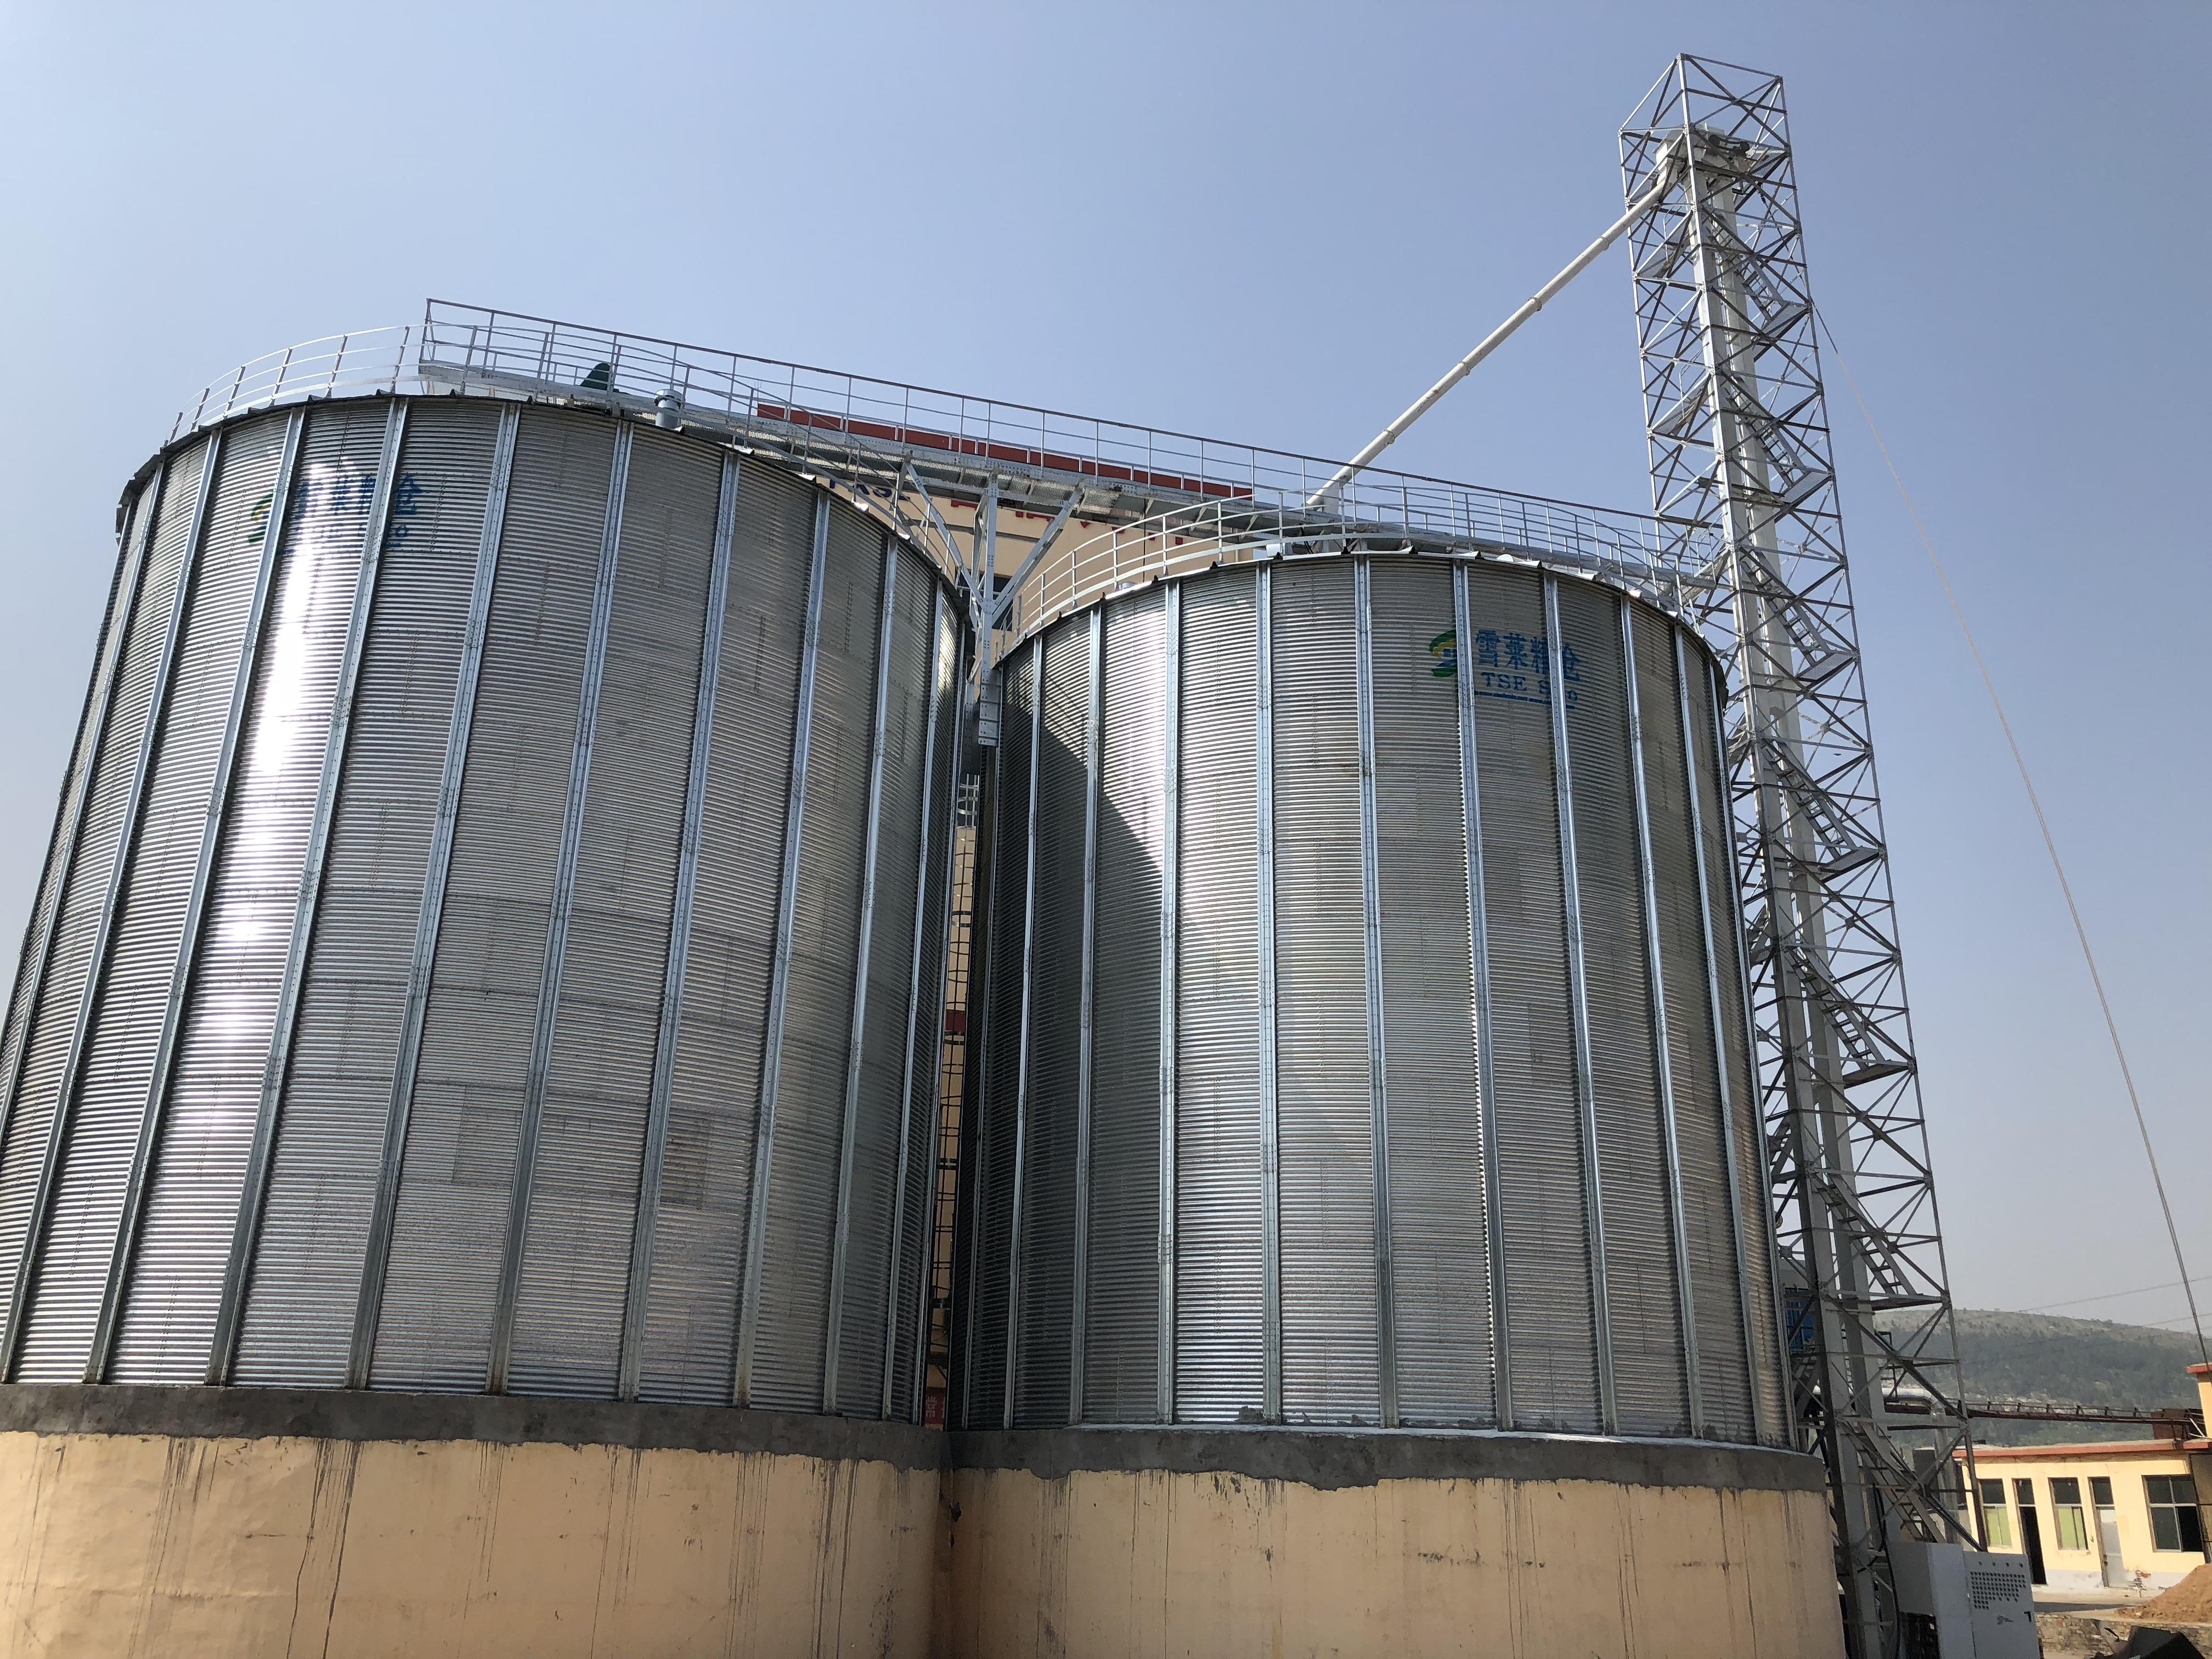 grain storage silo,corn storage silos,corn silo,grain storage steel silos